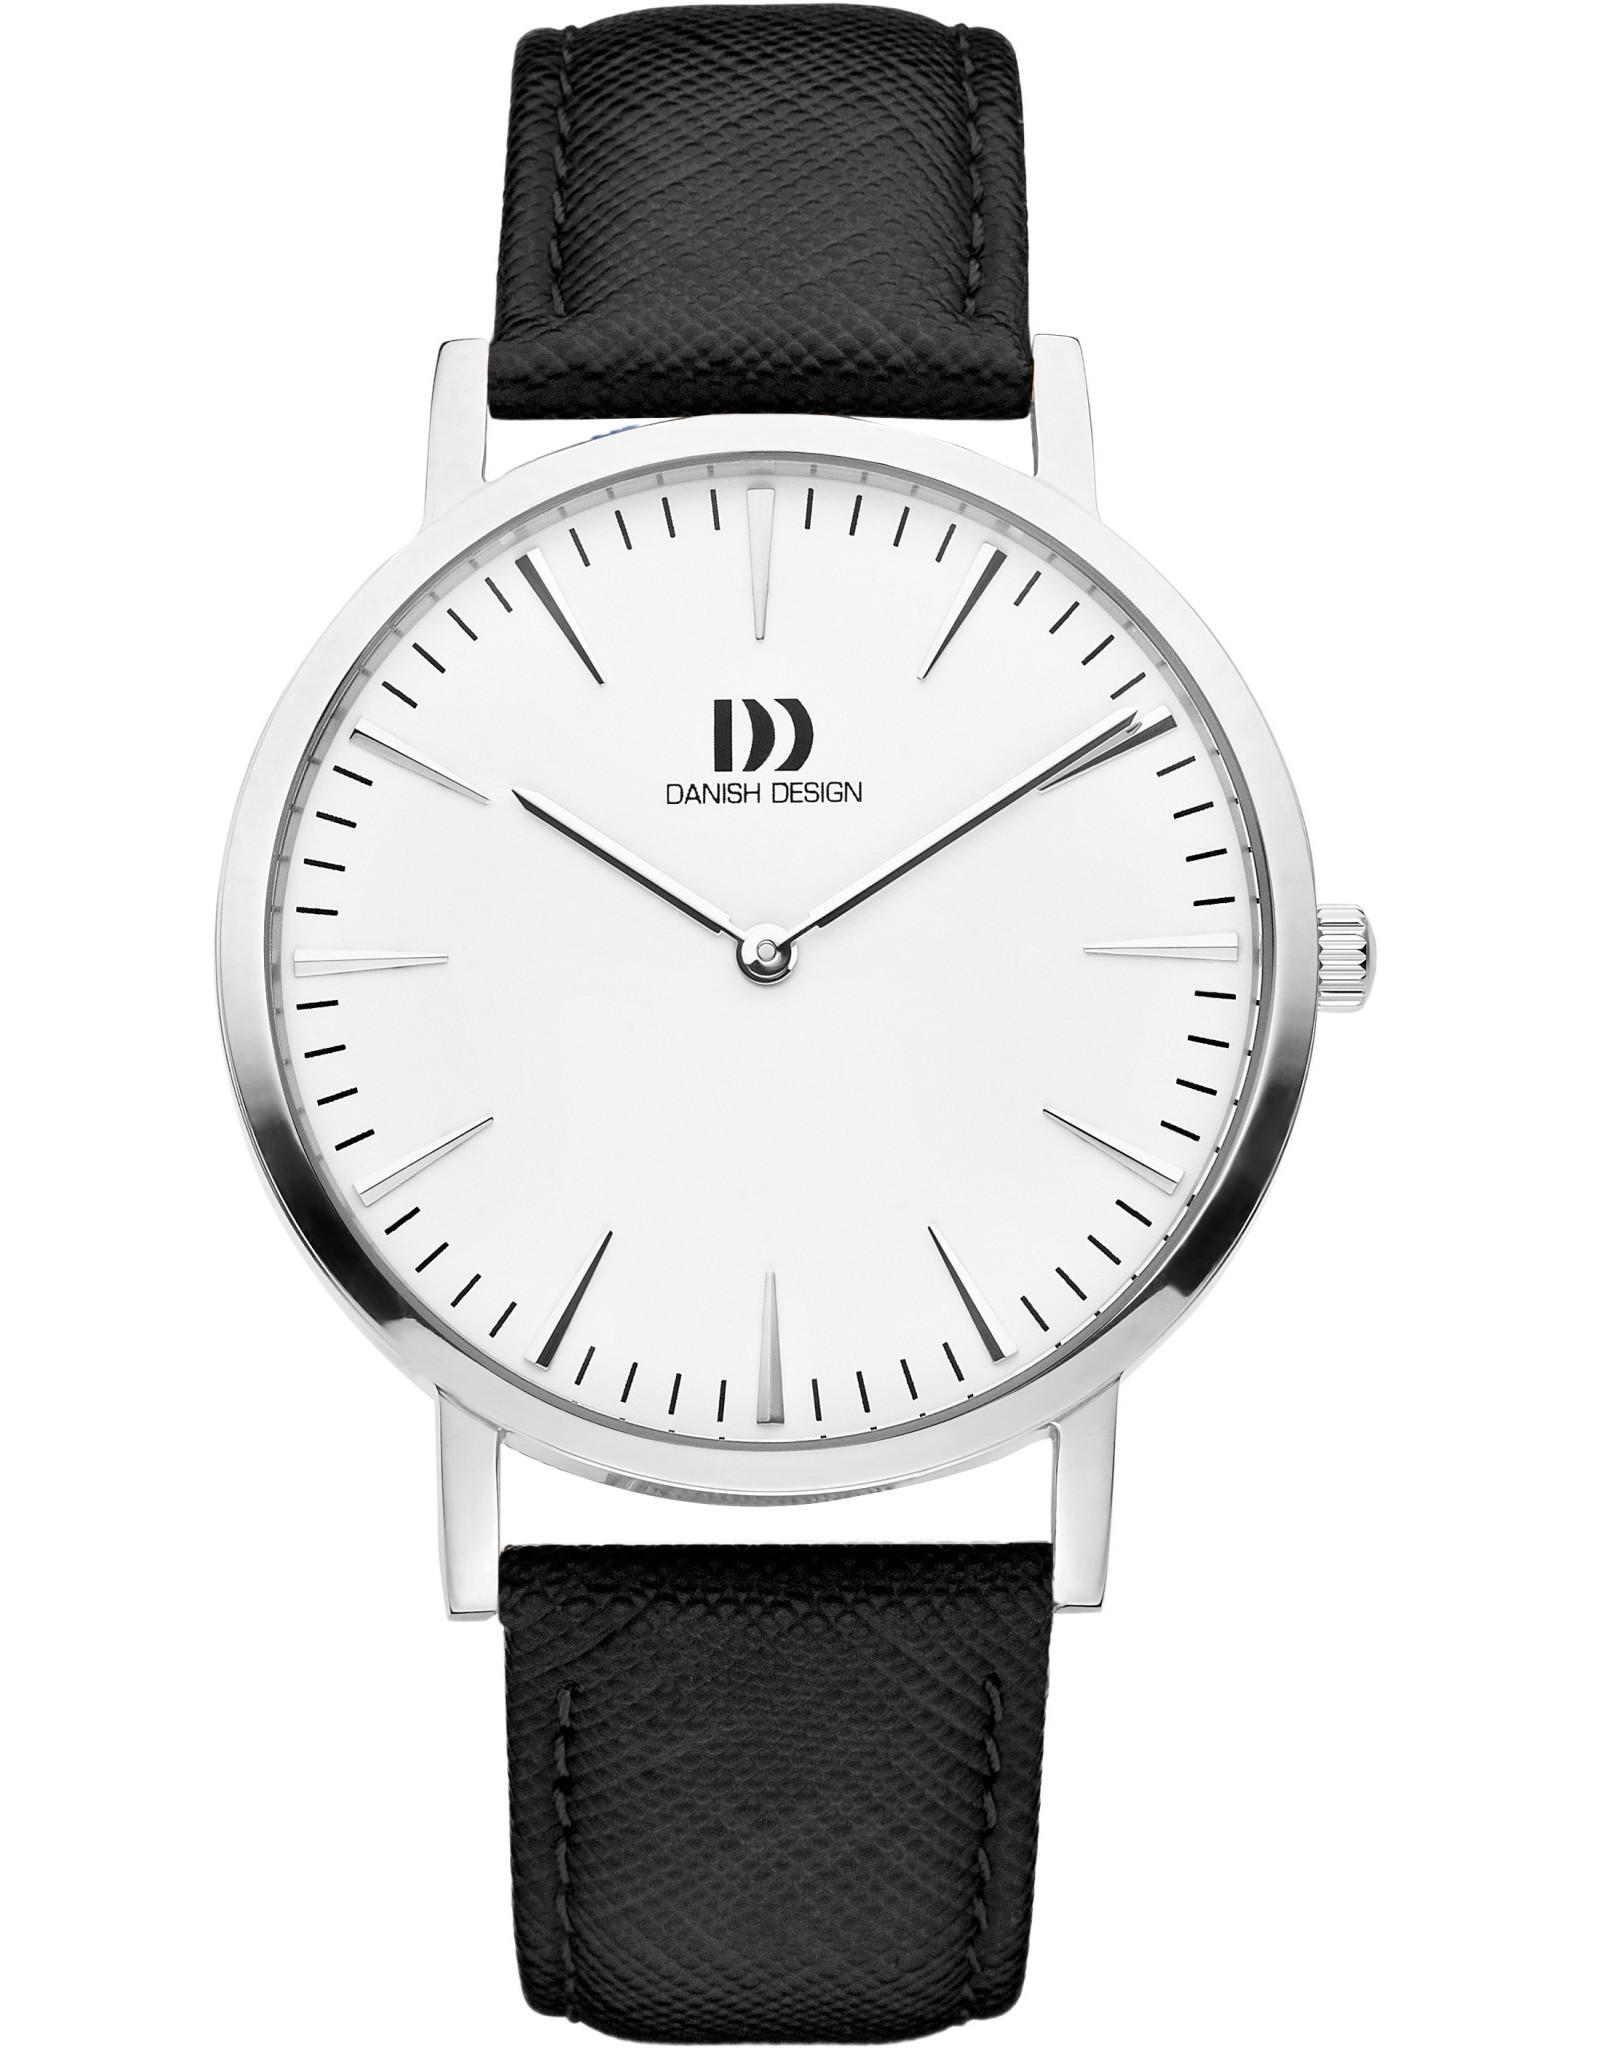 Danish Design Danish Design IQ10Q1235